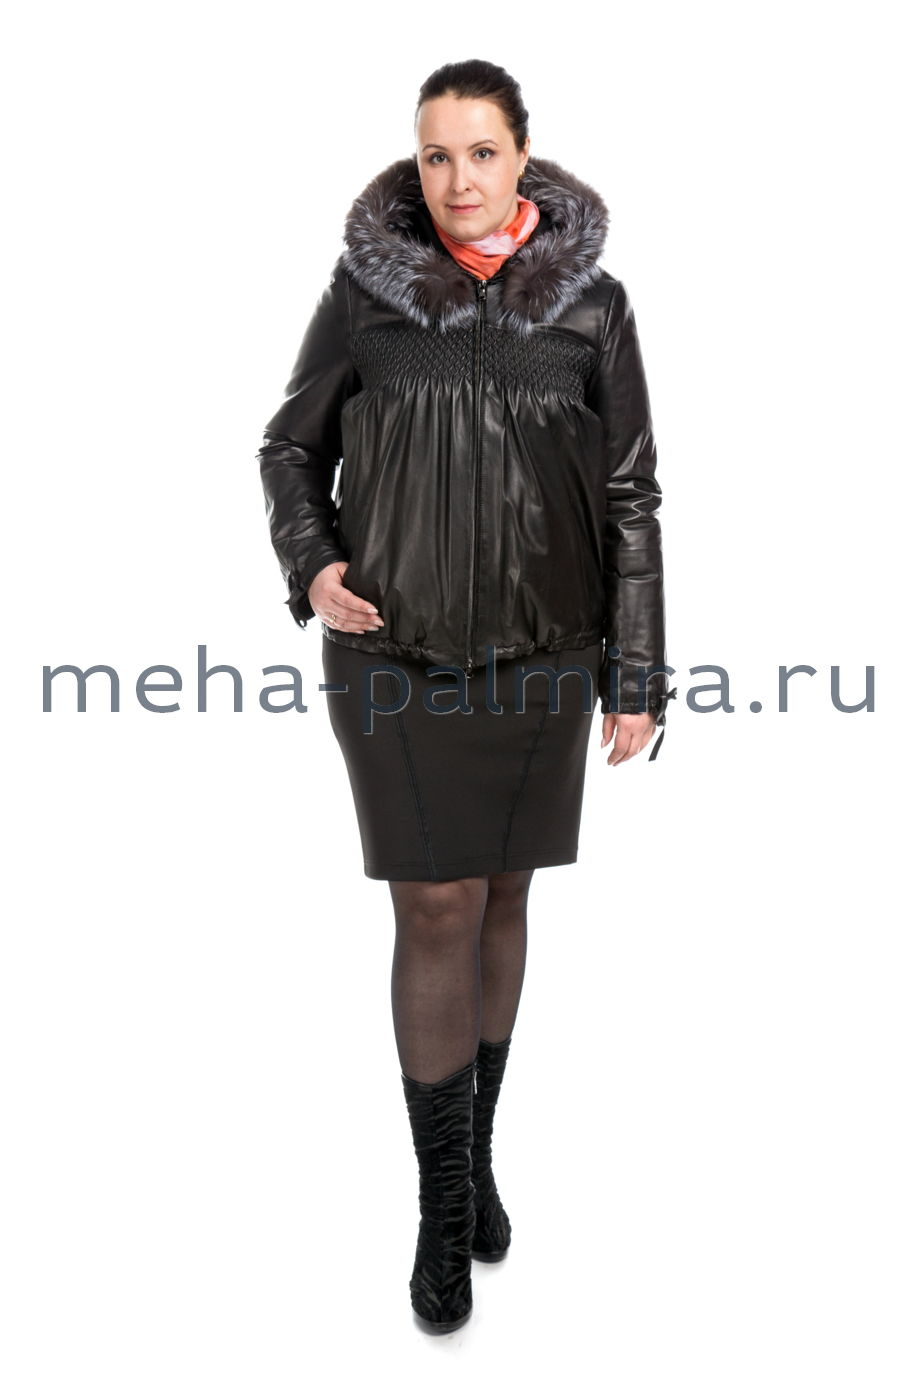 Кожаная куртка свободного кроя с капюшоном, цвет черный